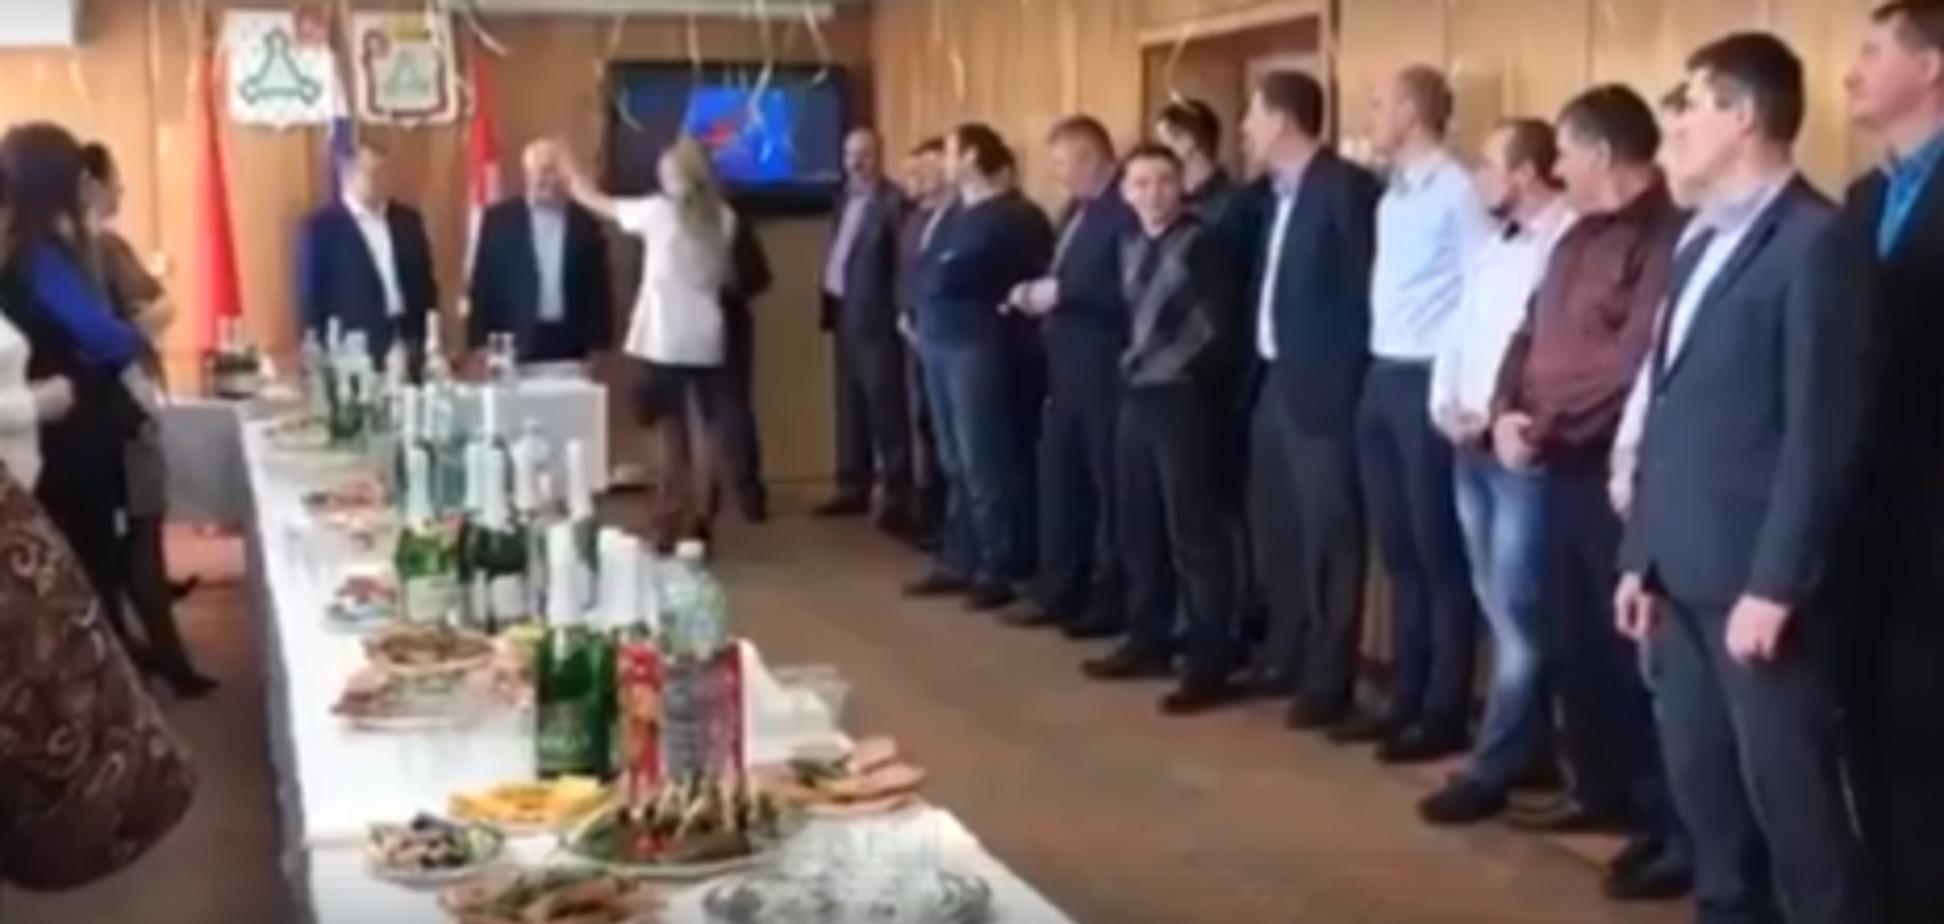 Росіян висміяли за 'гаряче' привітання чоловіків із 23 лютого